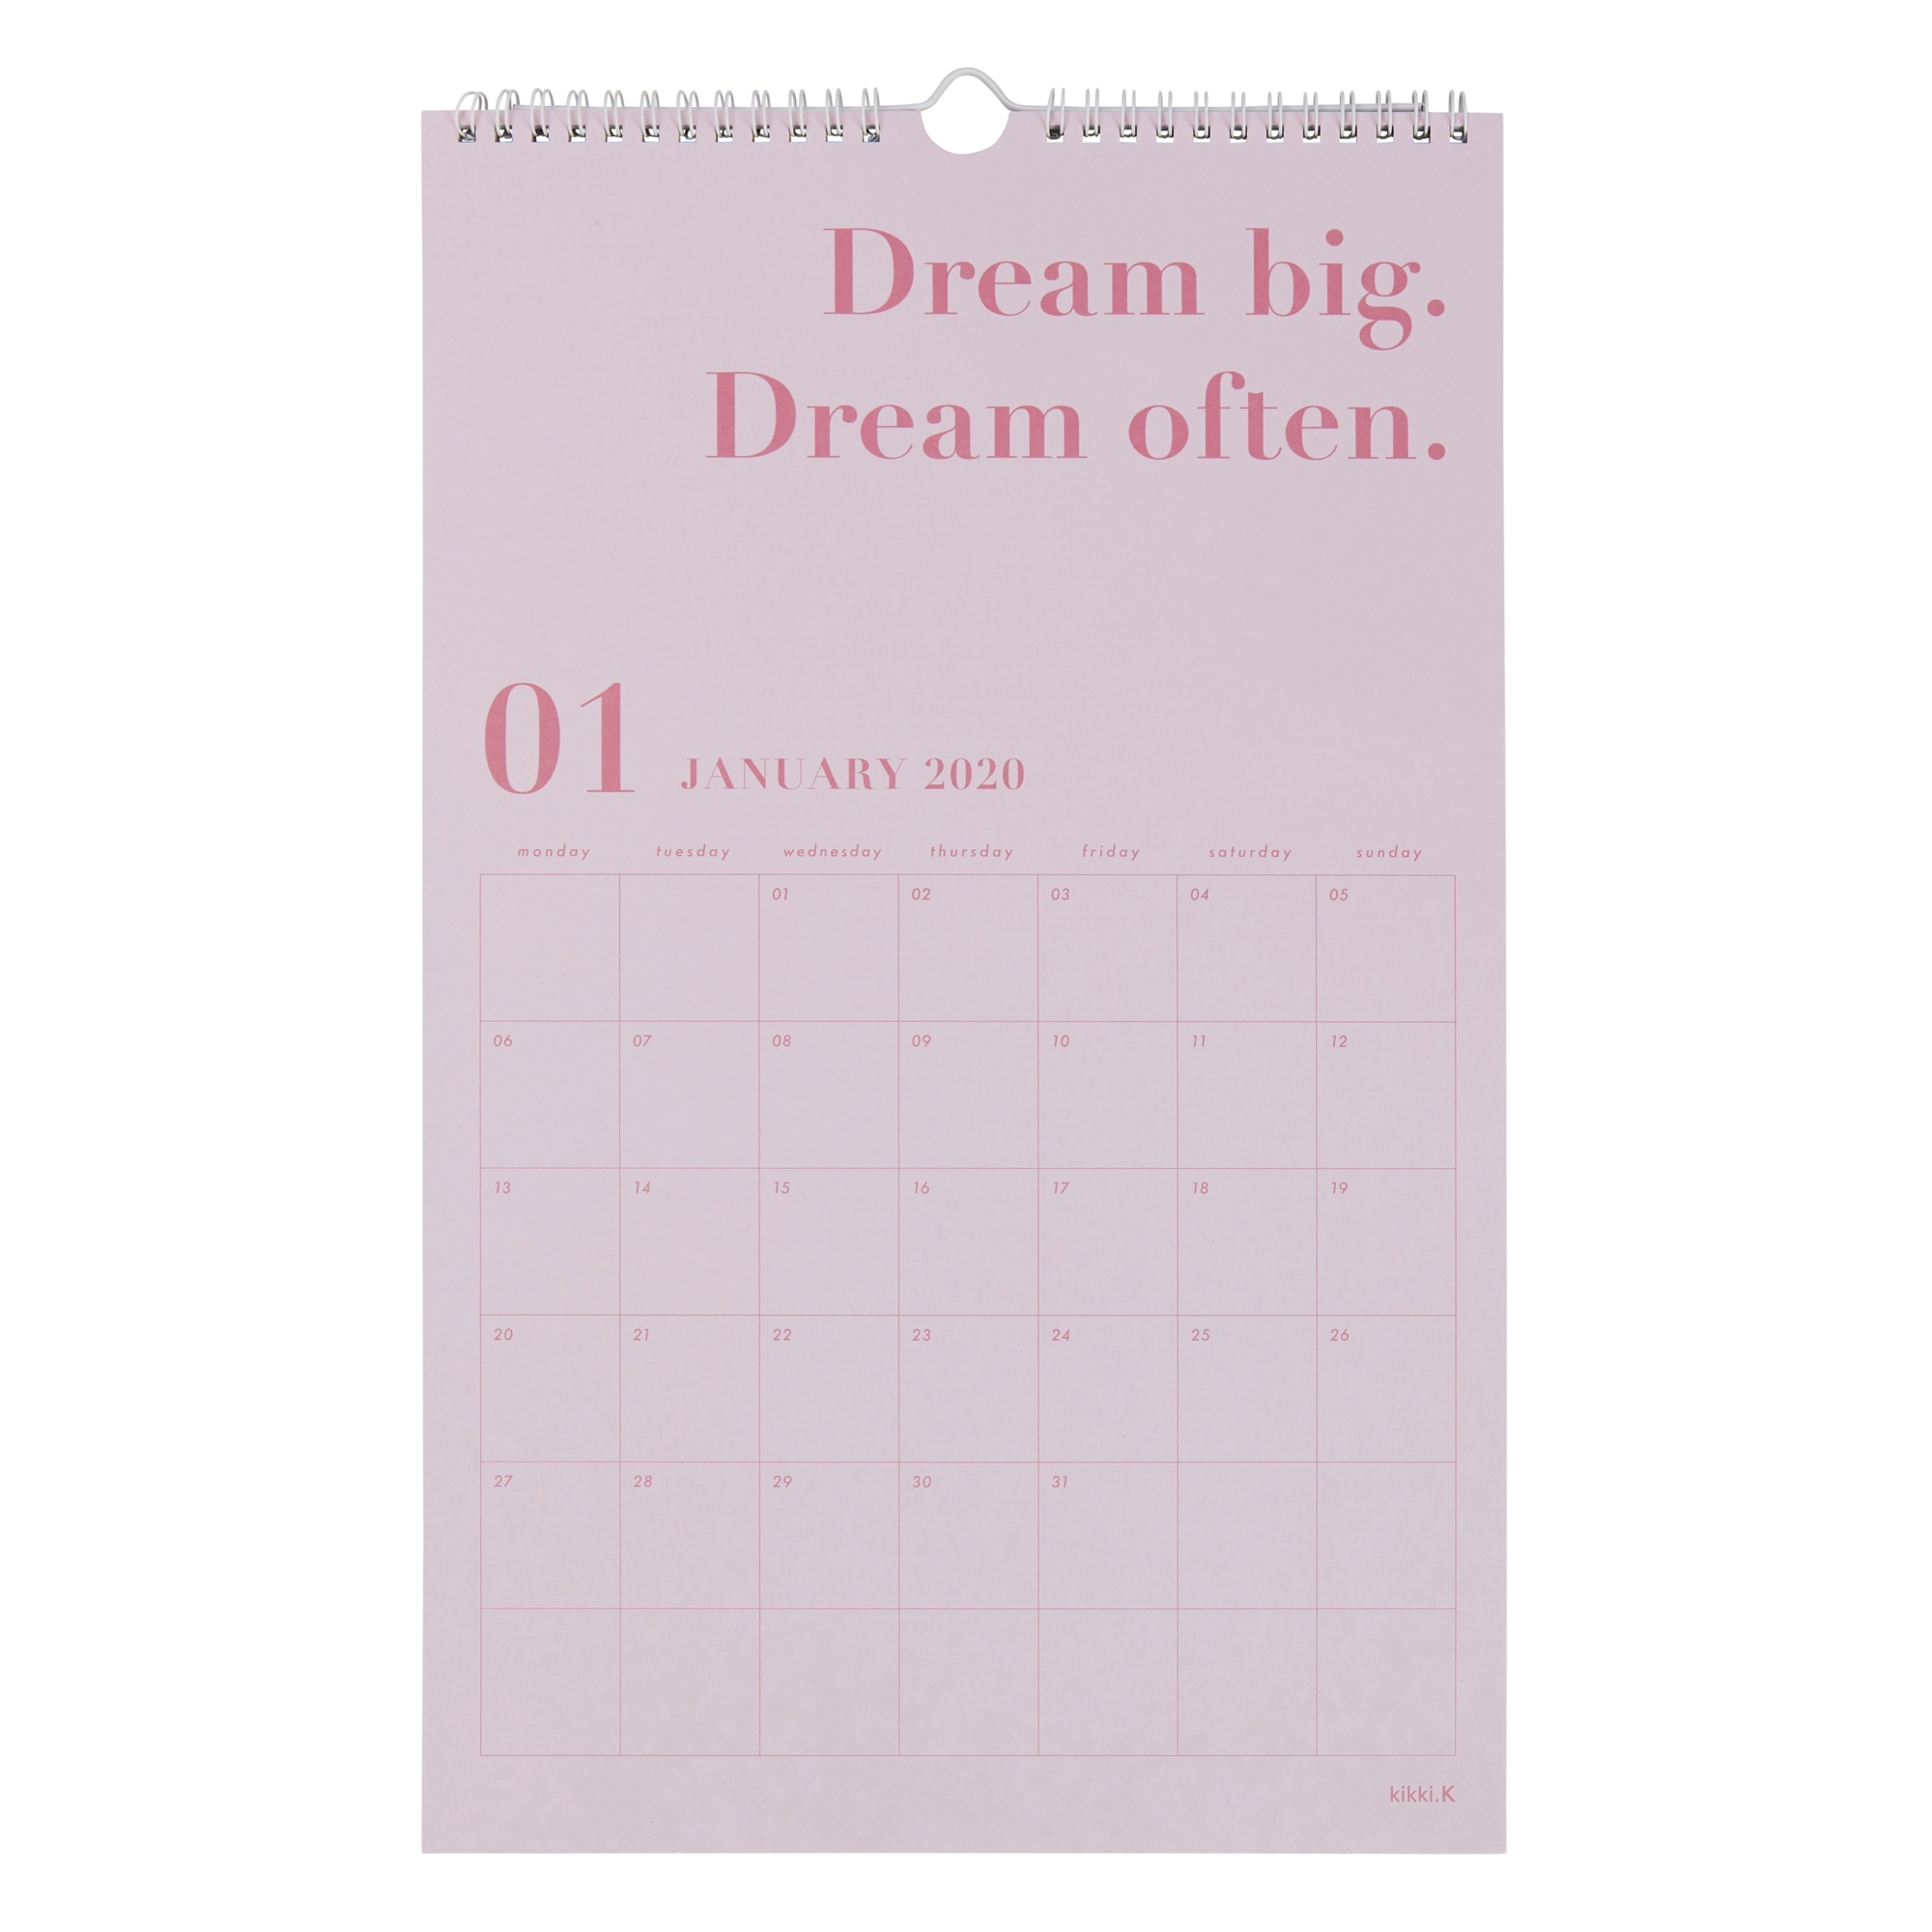 2020 Dream Life Wall Calendar White: Inspiration